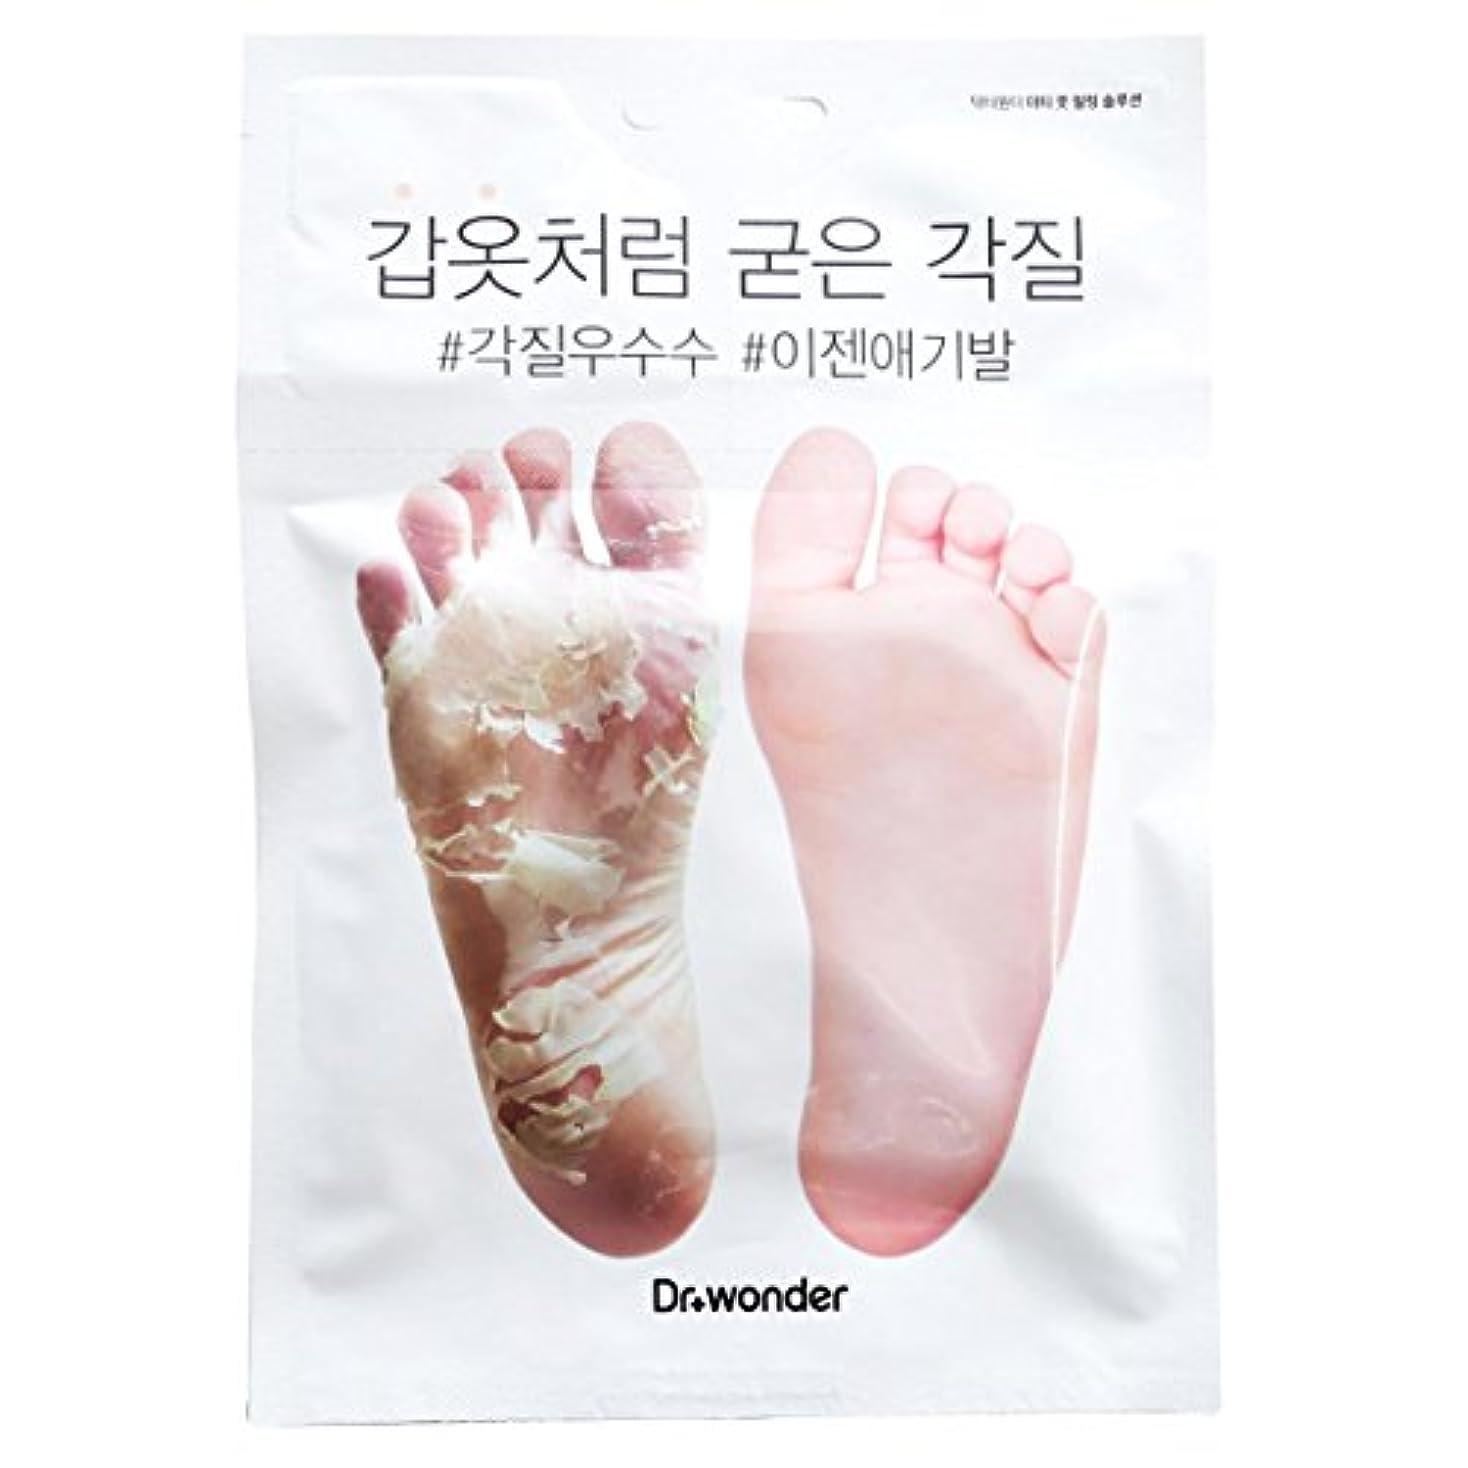 イベント液化する繁栄[ドクターワンダー/ Dr+ wonder] Good Bye, Dirty Foot! Doctor Wonder Crocodile Foot Mask Pack / ドクターワンダーワニバルペク/鎧のような硬い角質...